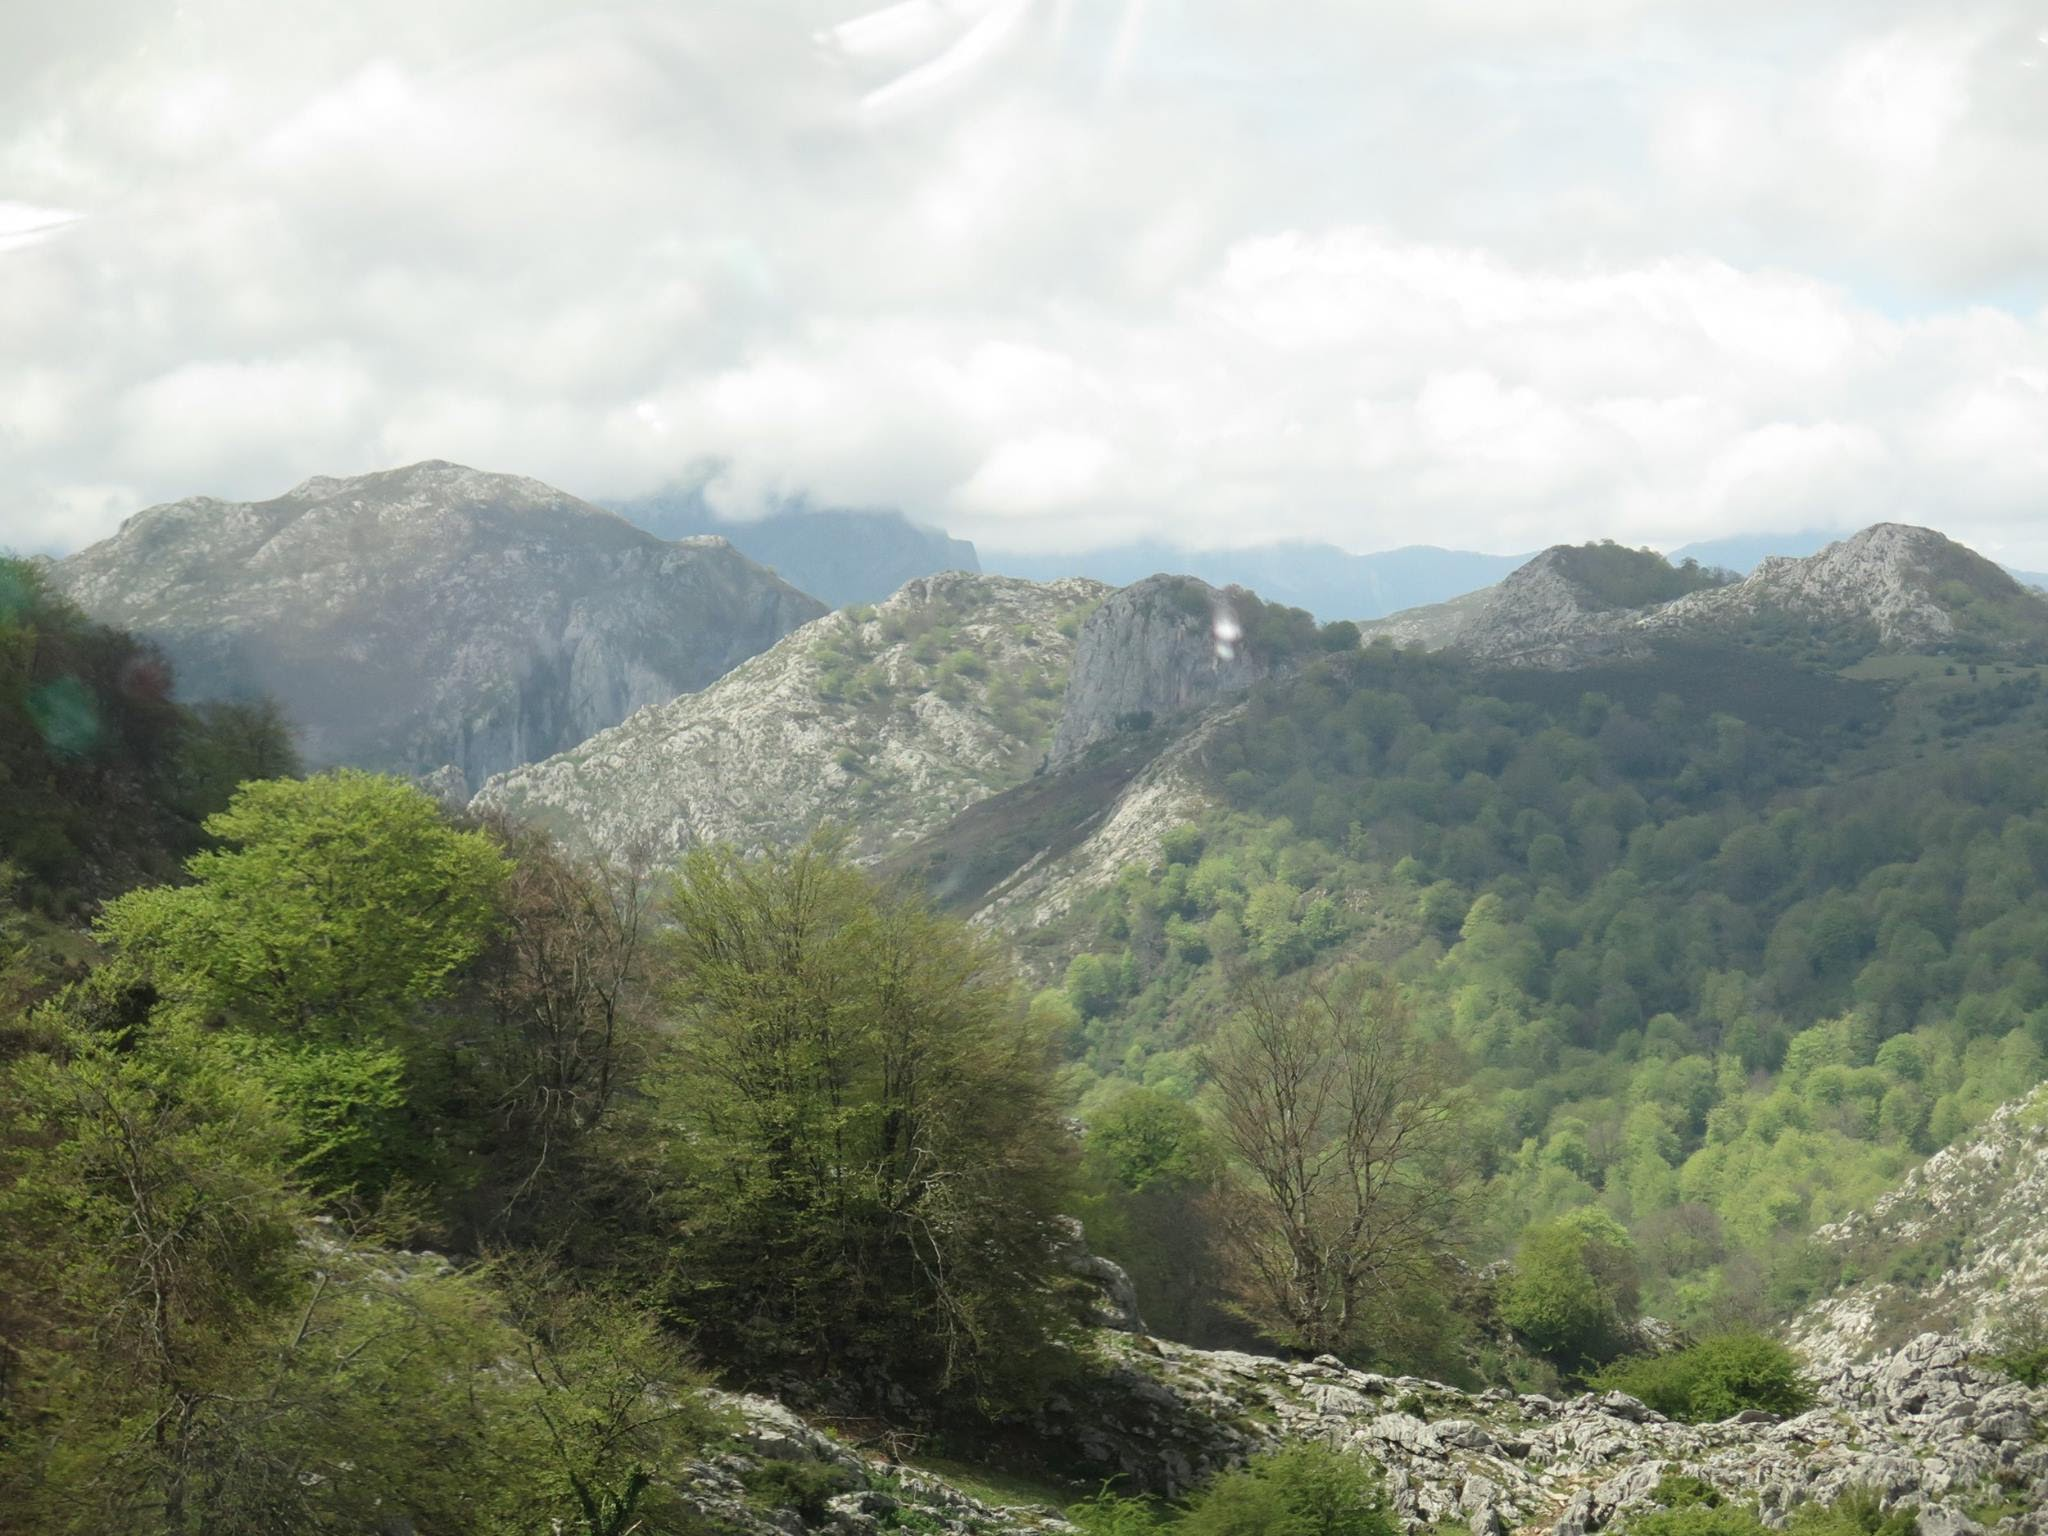 2017.05.2 y3 - Viaje Covadonga Sector Hnos. Mayores (7)